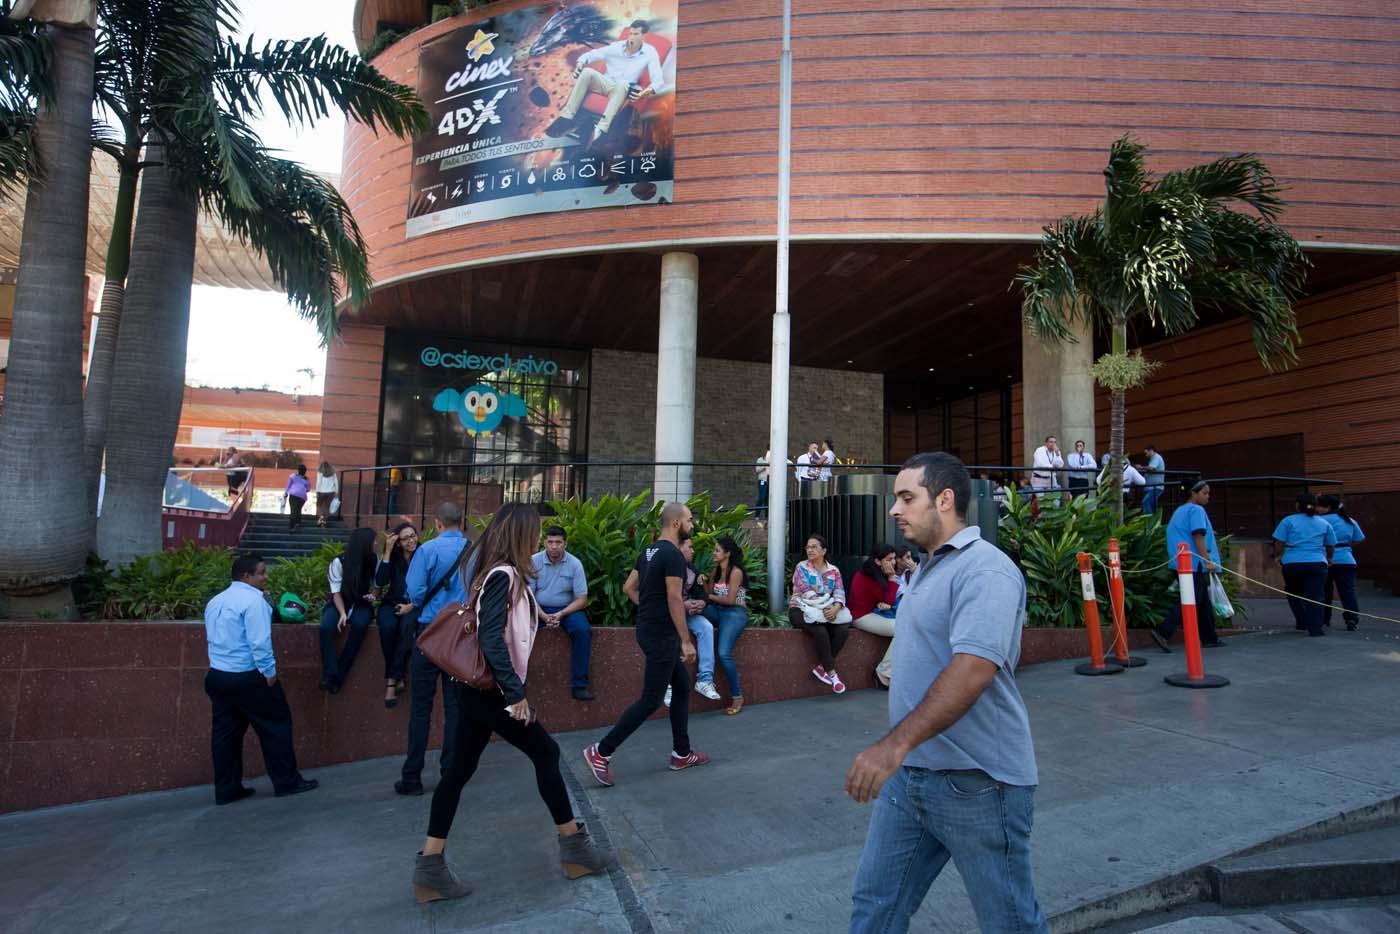 CAR01. CARACAS (VENEZUELA), 10/02/2016.- Varias personas esperan afuera de un centro comercial hoy, miércoles 10 de febrero de 2016, en Caracas (Venezuela). Los centros comerciales de Venezuela iniciaron hoy sus actividades con un horario restringido que los lleva a trabajar durante un promedio de cuatro horas diarias, una situación que elevó las alarmas de las organizaciones relacionadas con el sector que auguran pérdidas de dinero y empleos. EFE/Miguel Gutiérrez